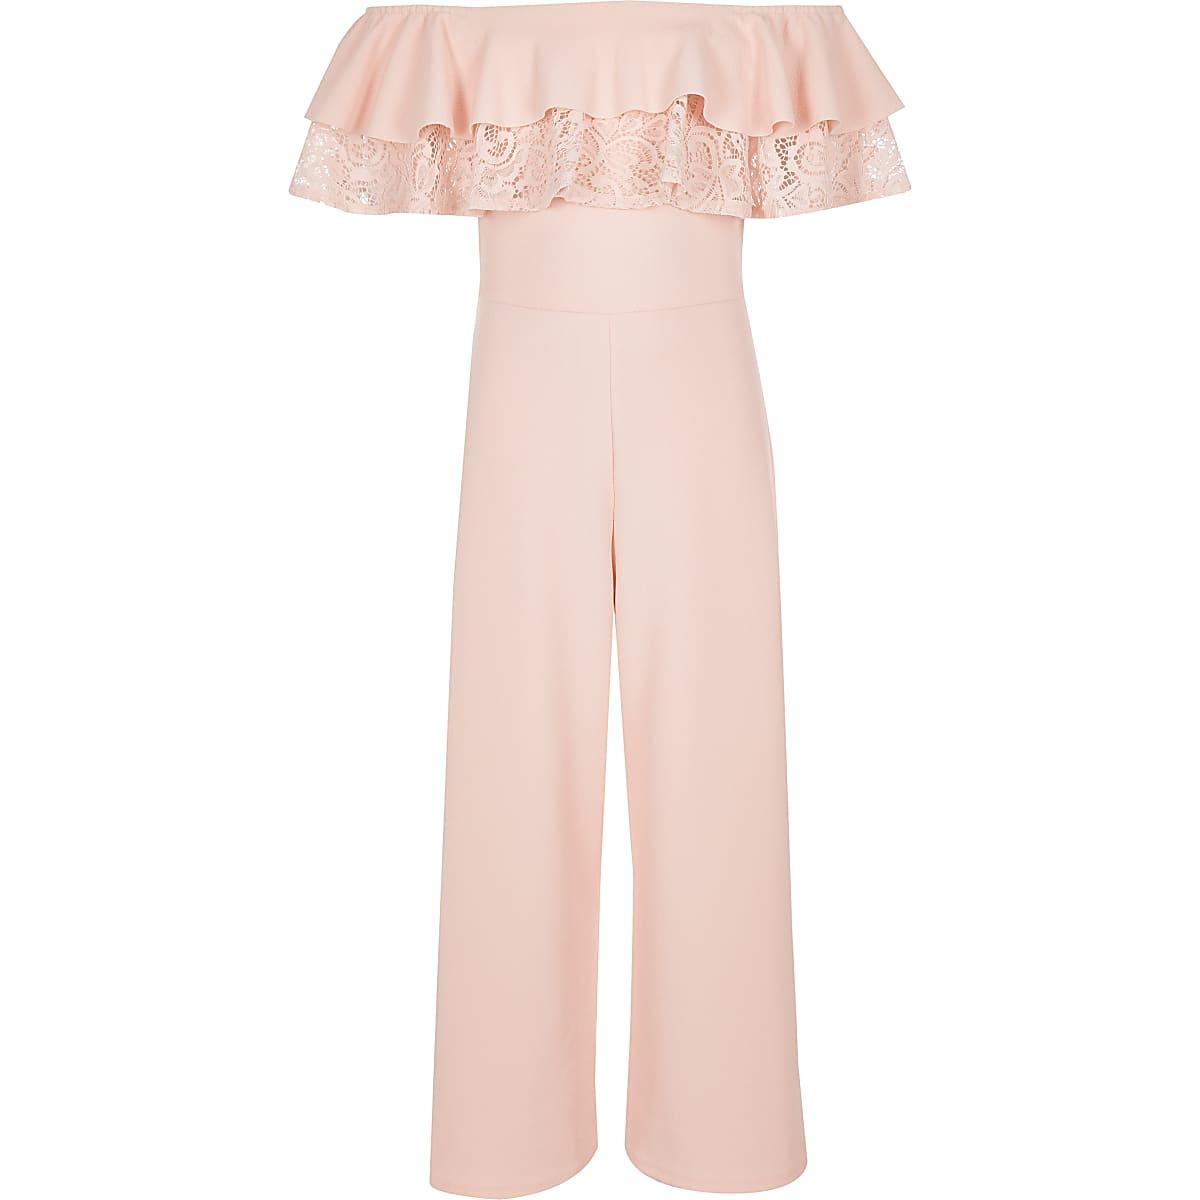 Roze bardot-jumpsuit met kant voor meisjes